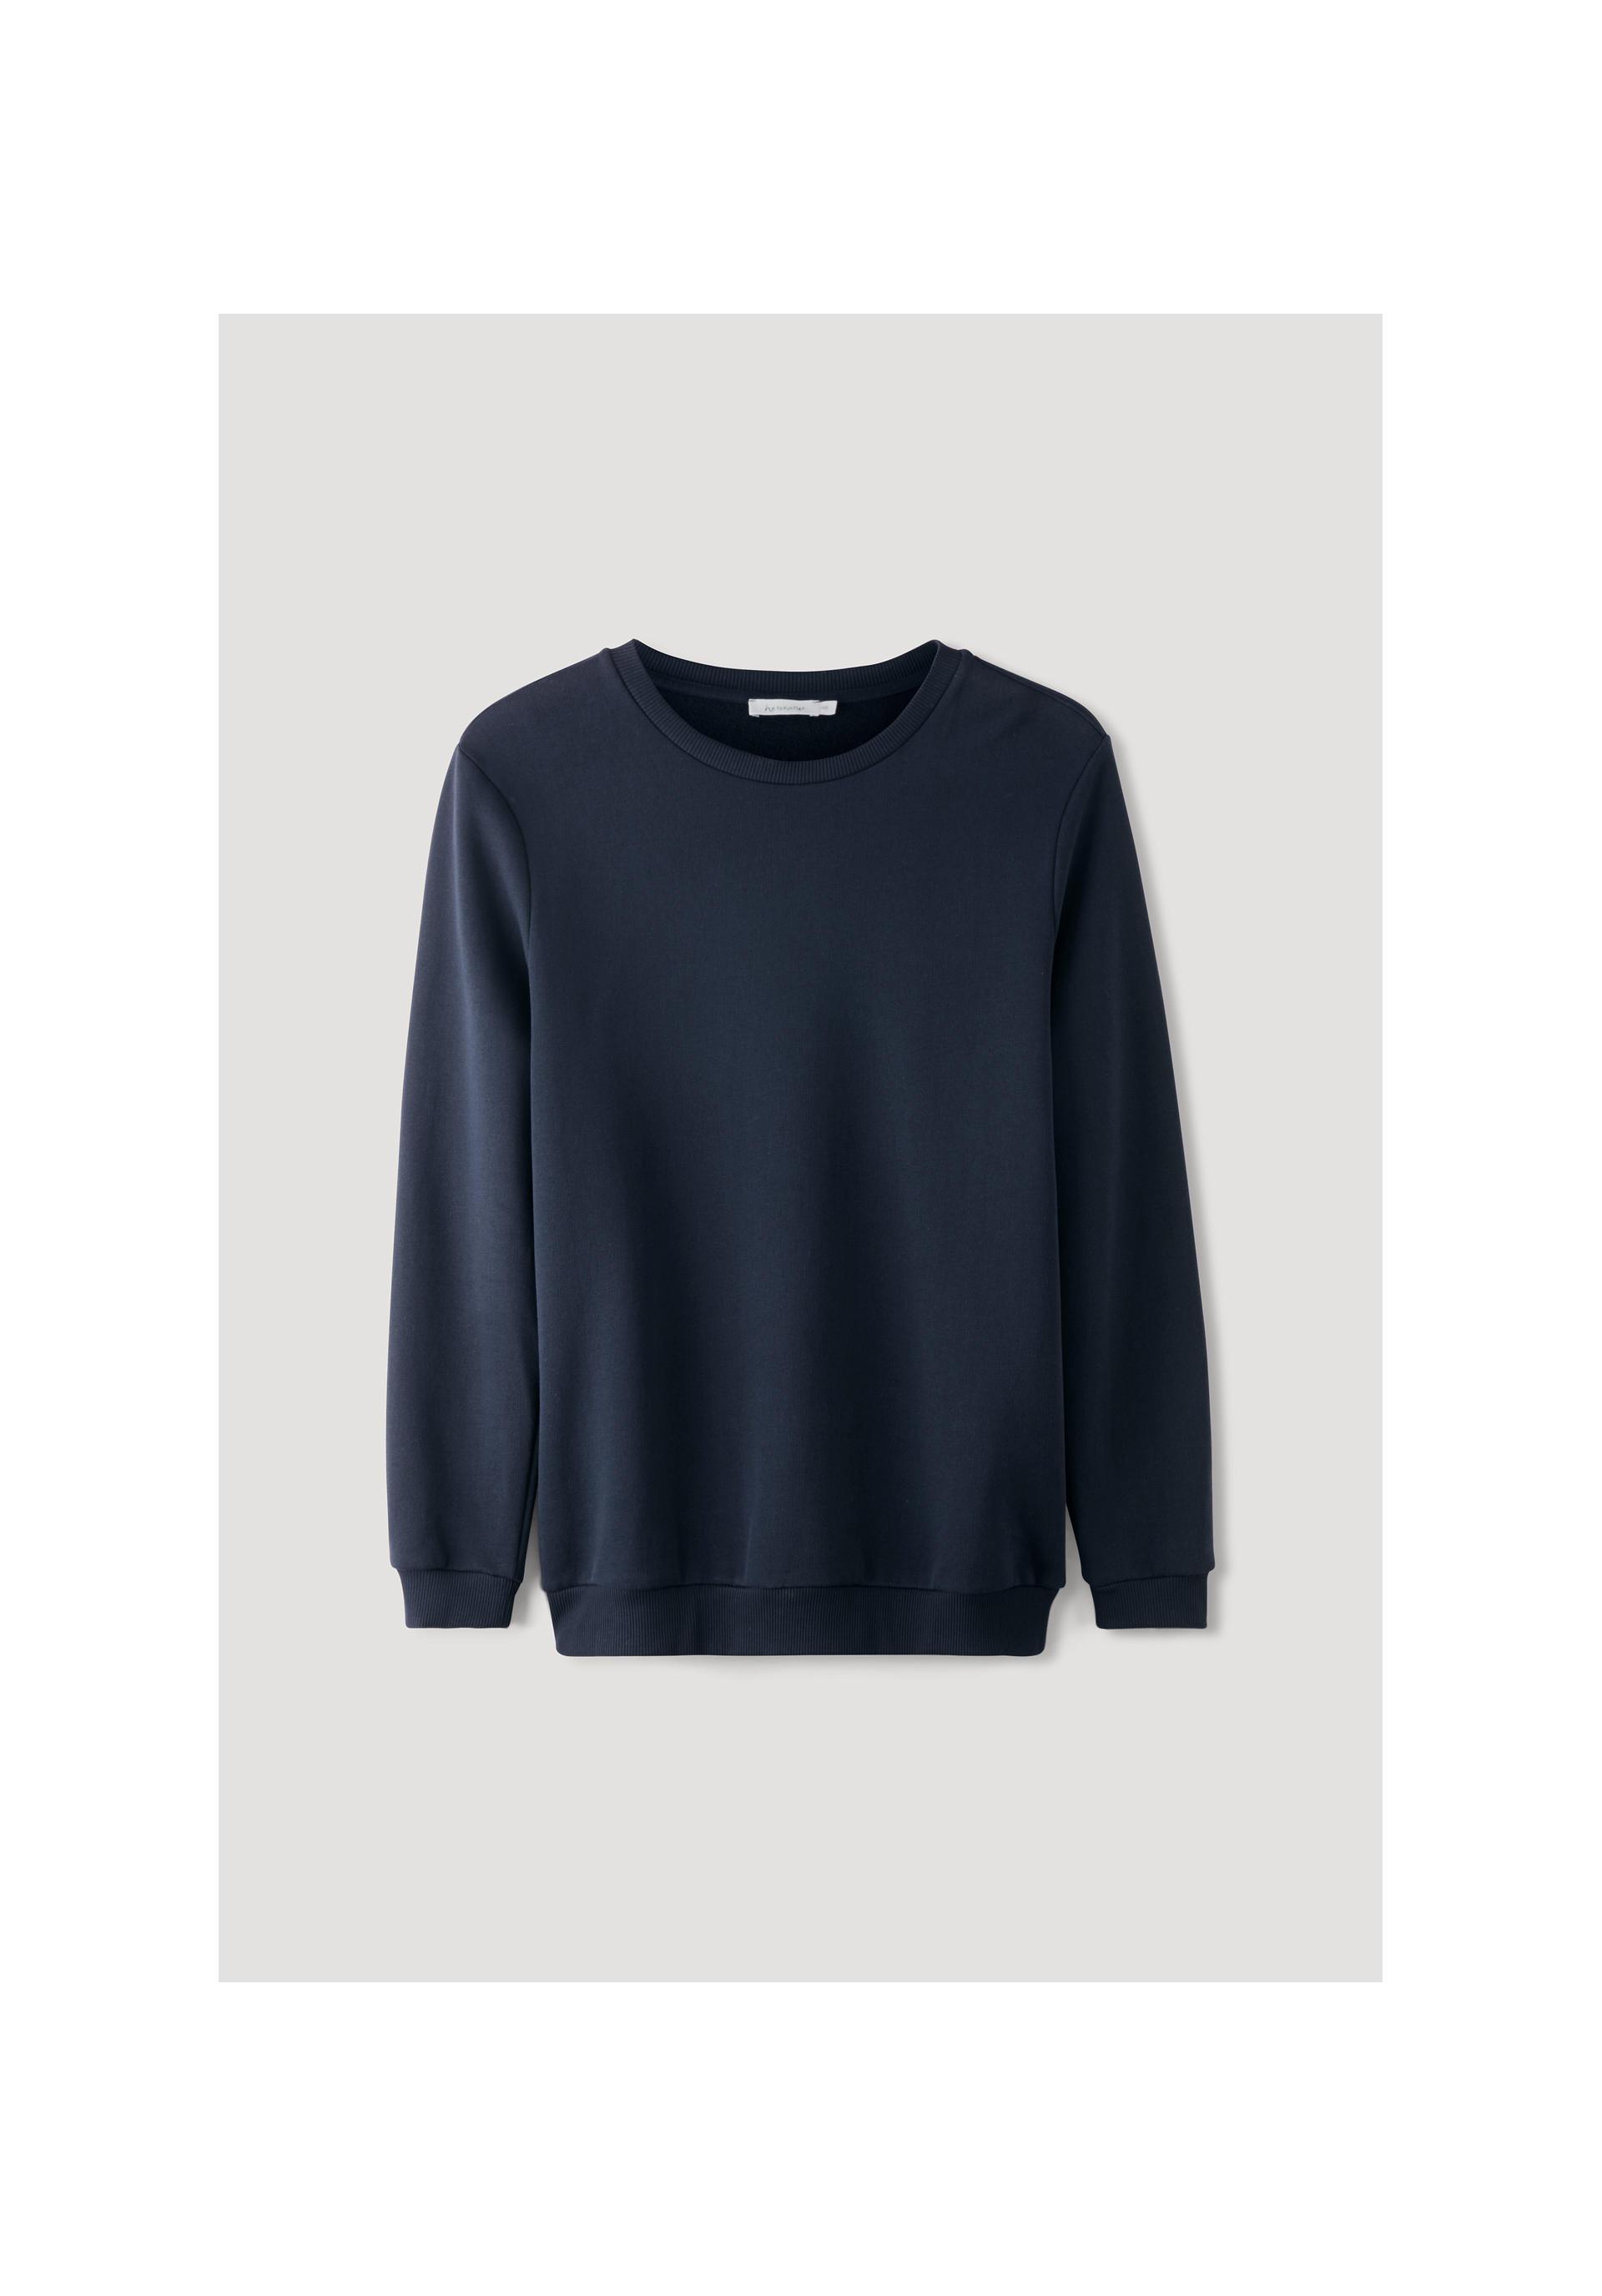 outlet store 70b36 dbd1f Herren Sweatshirt aus reiner Bio-Baumwolle von hessnatur